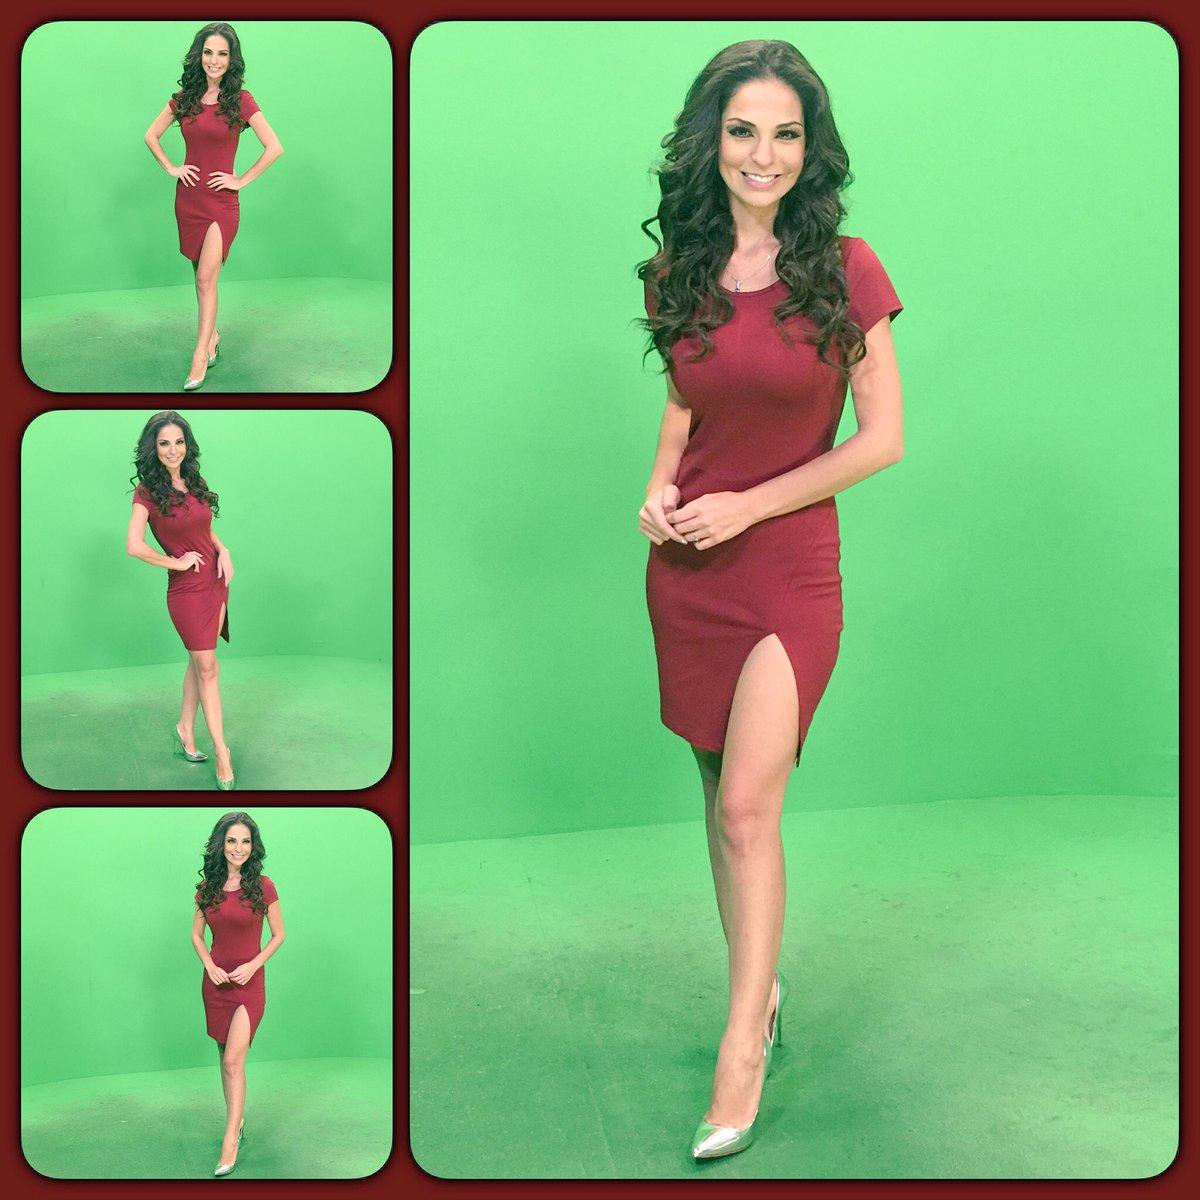 Angie Gonzalez Nude Photos 4